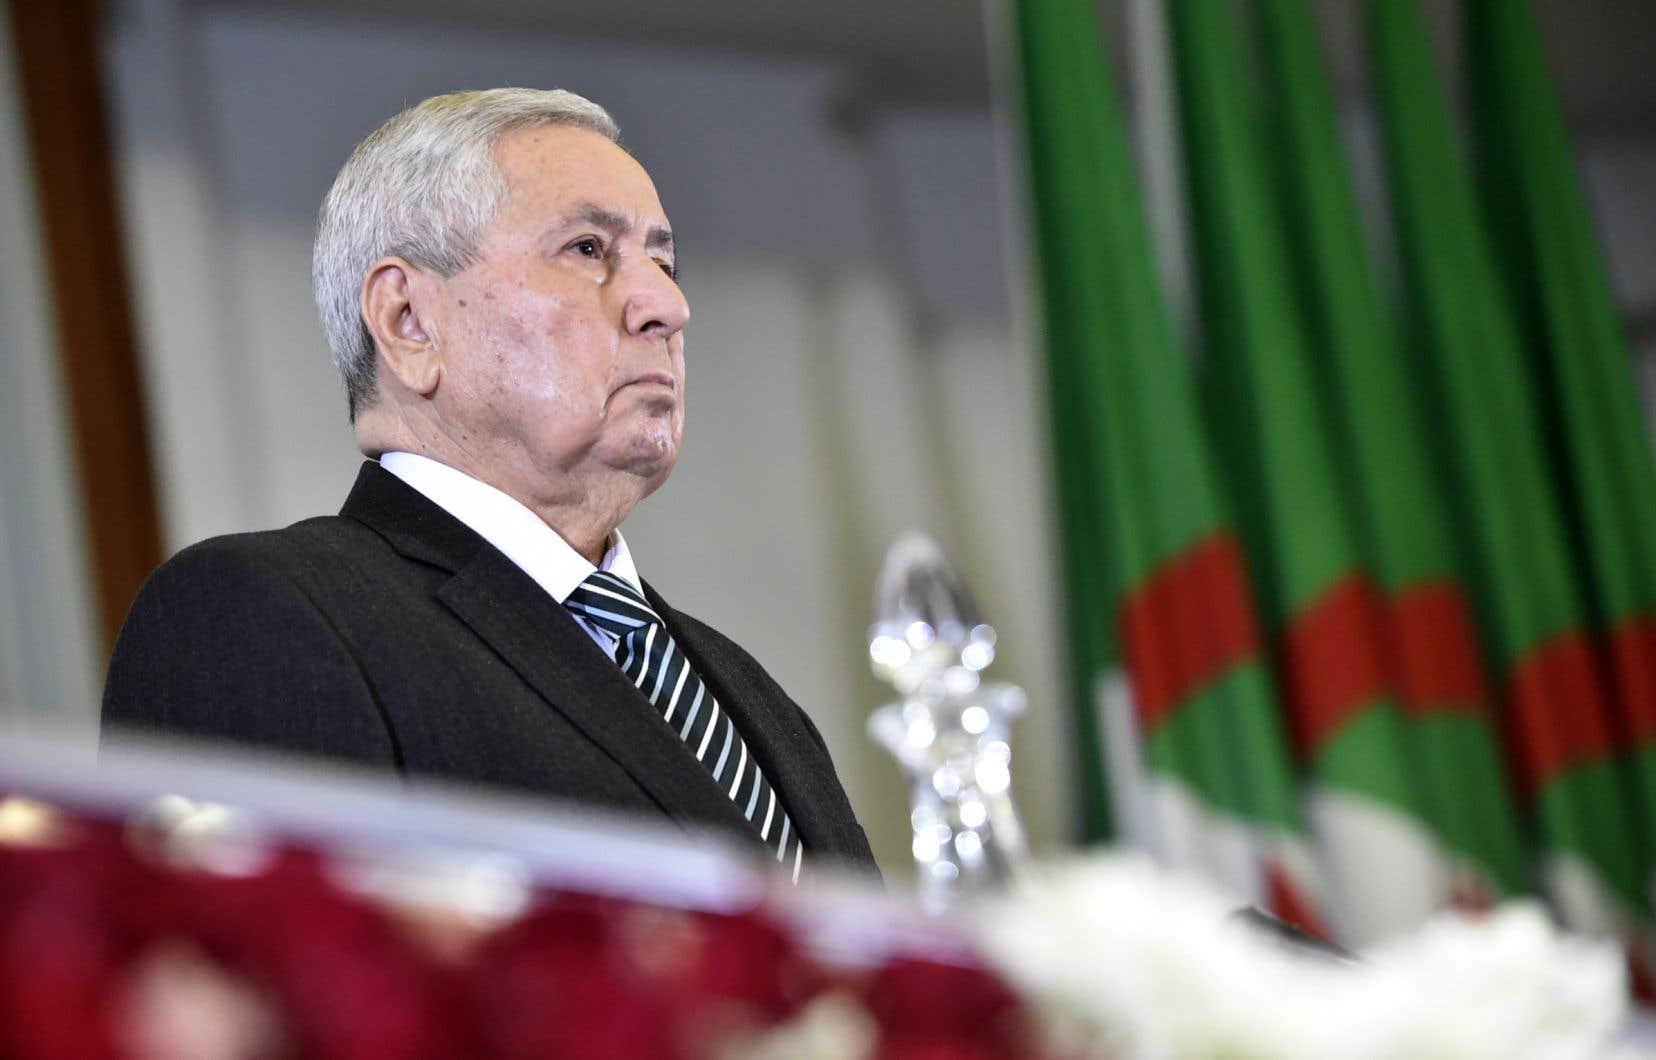 Depuis sa prestation de serment, c'est la troisième fois que le chef de l'État par intérim en Algérie, Abdelkader Bensalah, s'adresse au peuple.